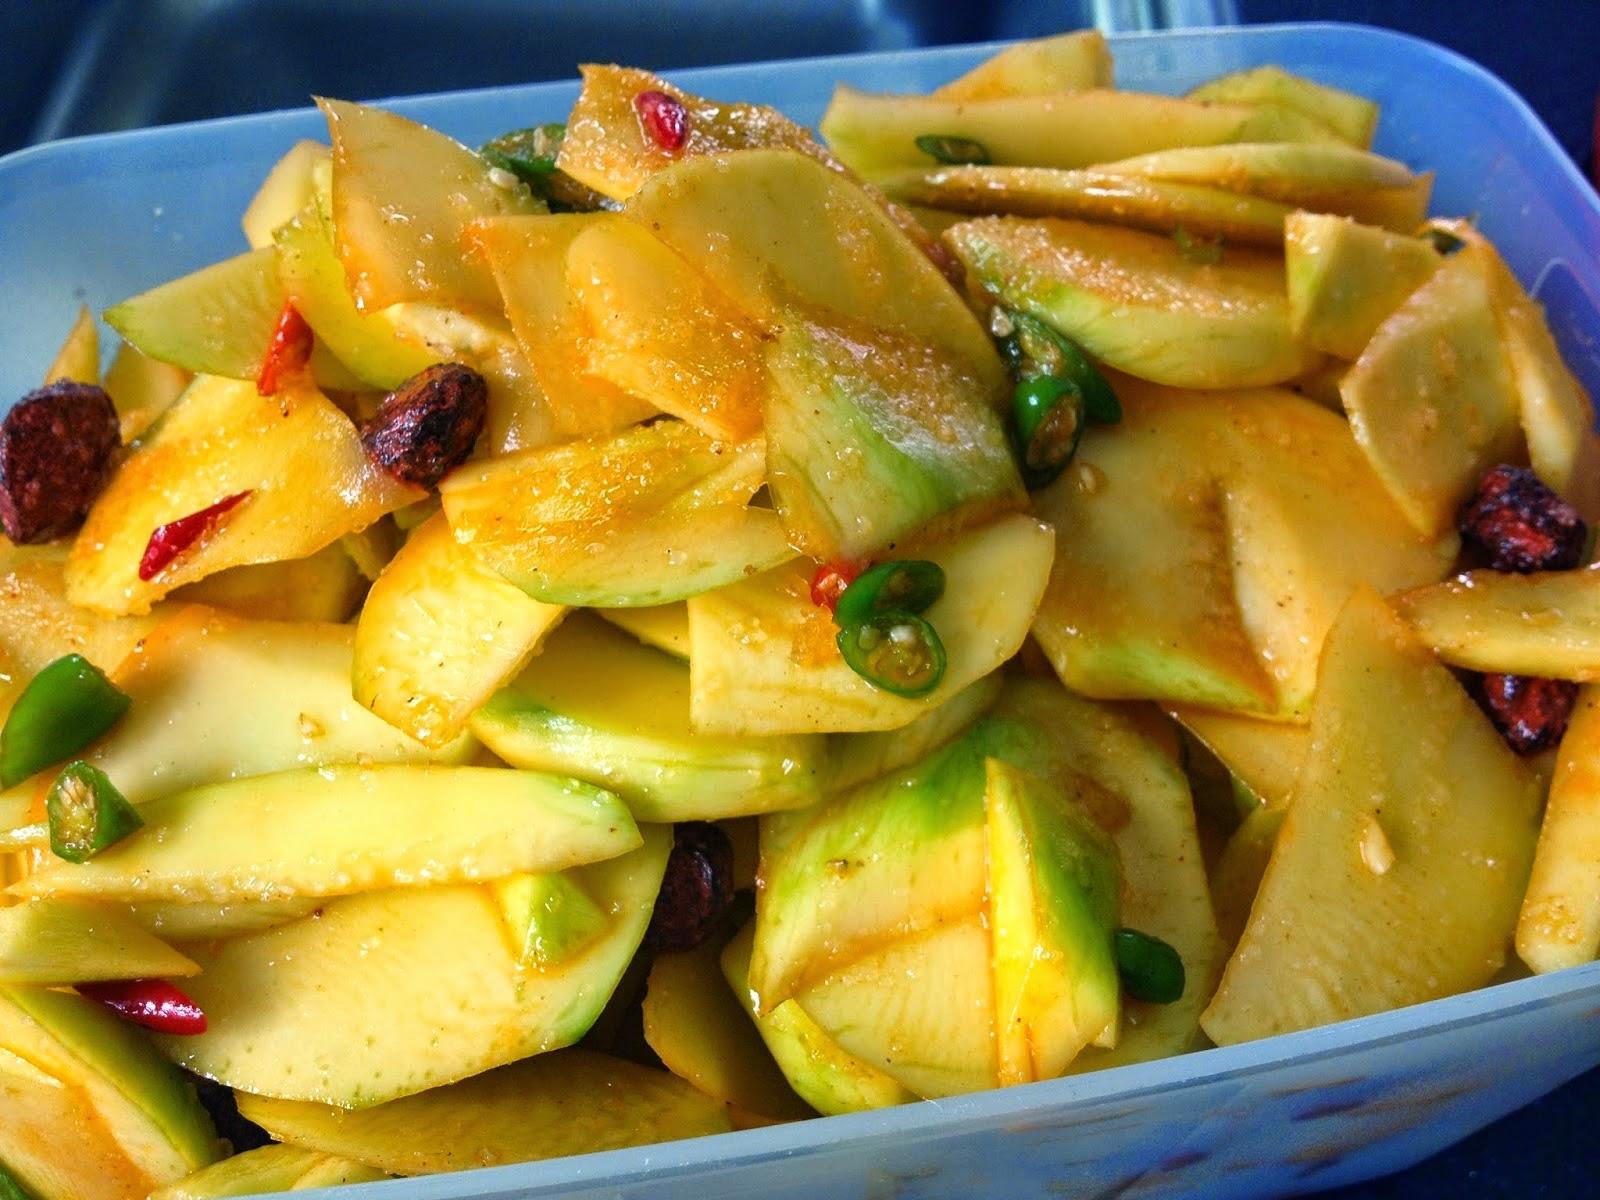 gambar koleksi gambar mewarnai buah jeruk anak terbaru